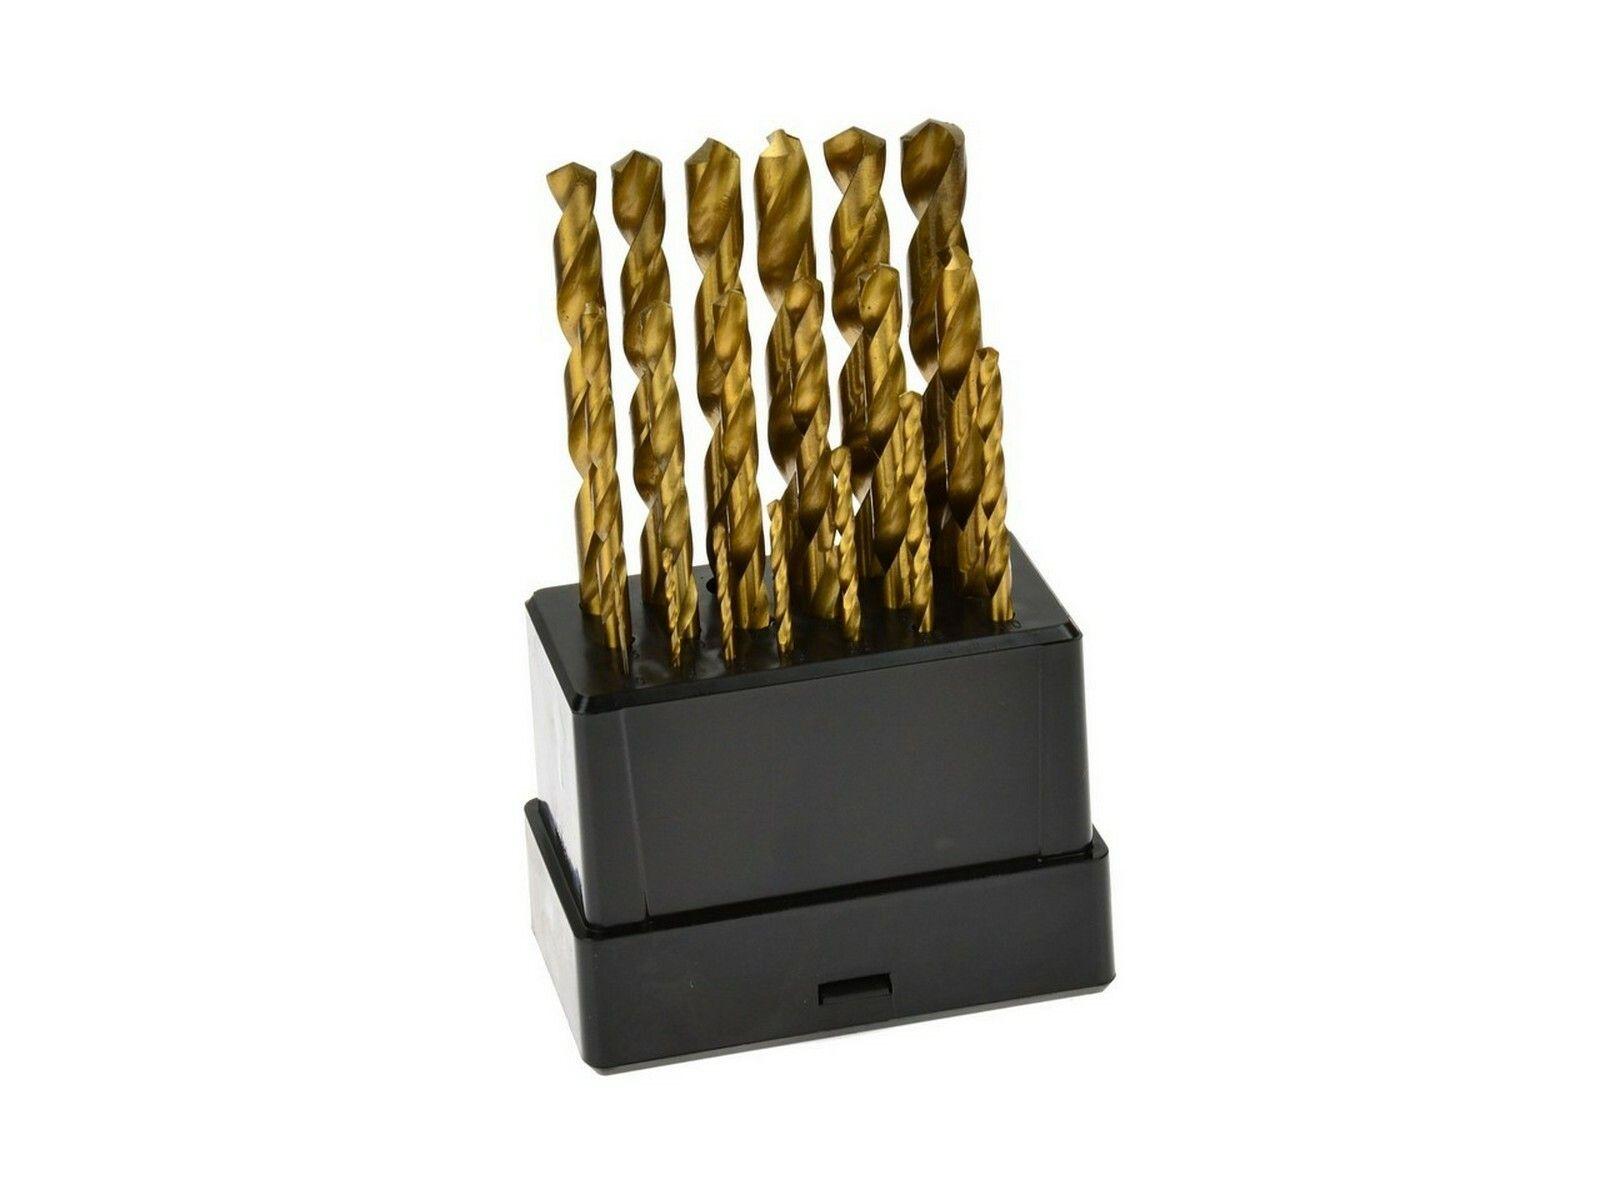 Vrtáky do kovu, sada 19ks, 1-10mm, po 0,5mm, leštěné